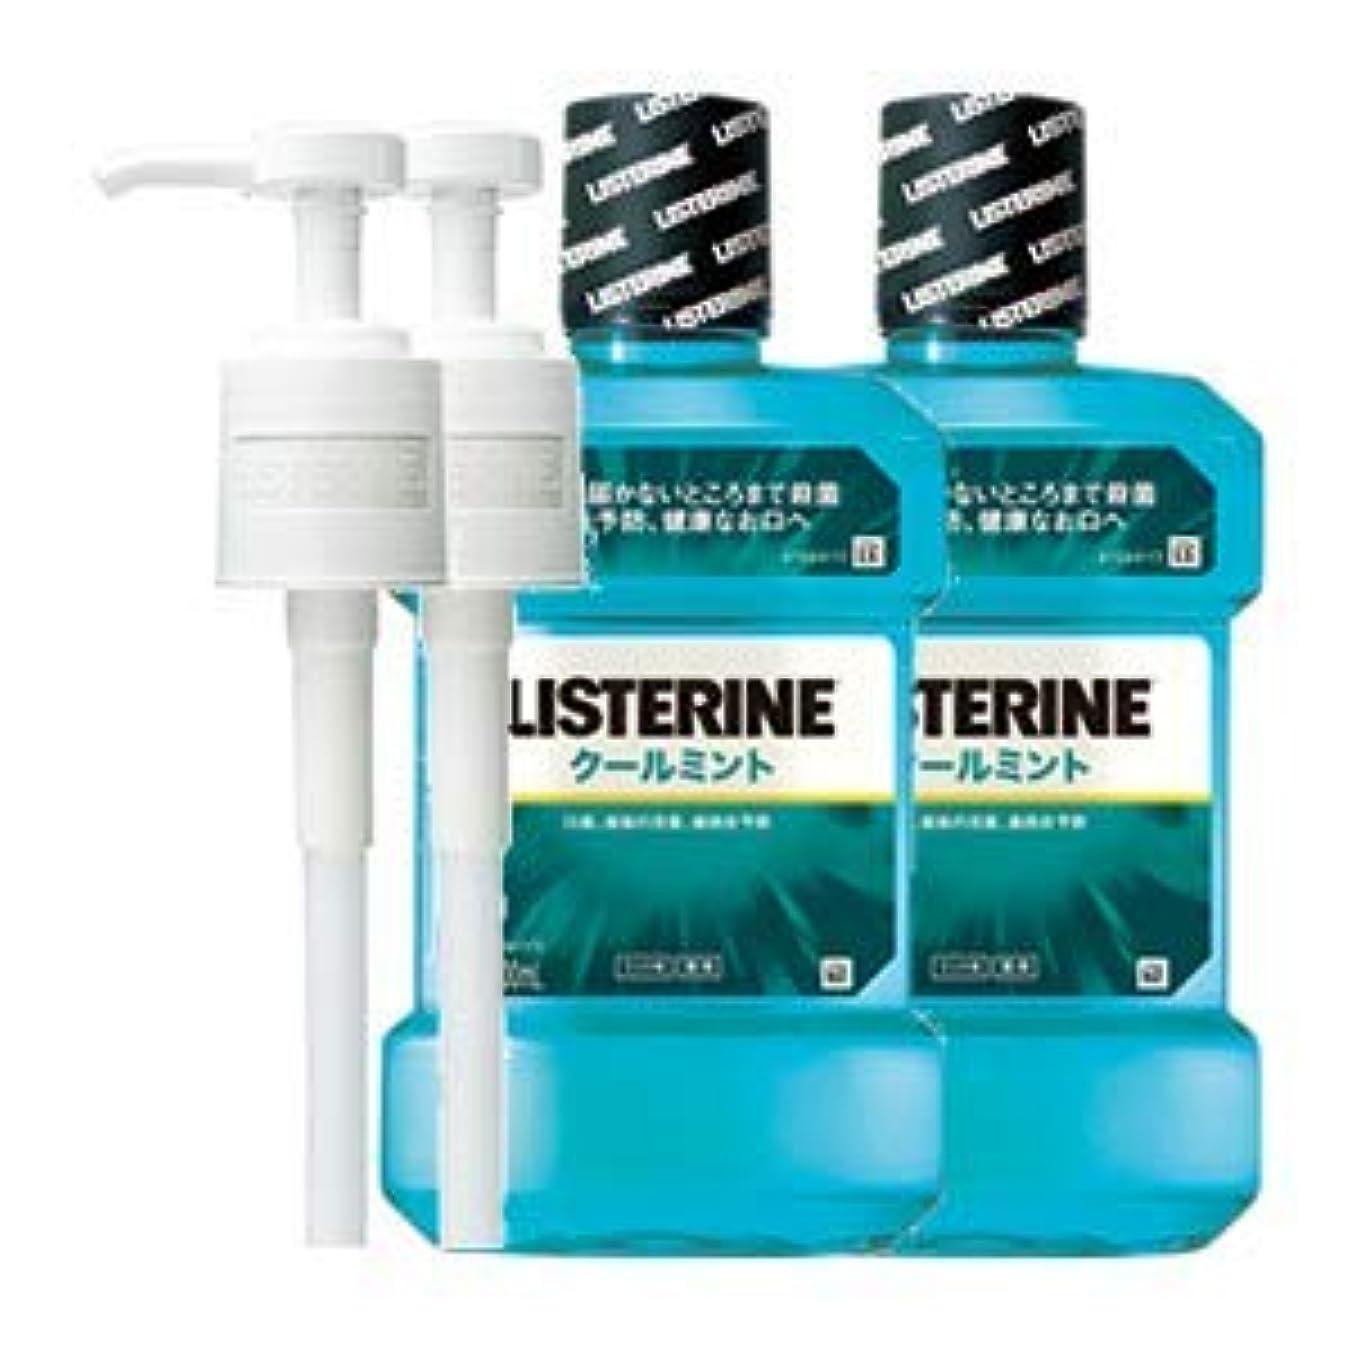 急襲媒染剤心から薬用リステリン クールミント (マウスウォッシュ/洗口液) 1000mL 2点セット (ポンプ付)